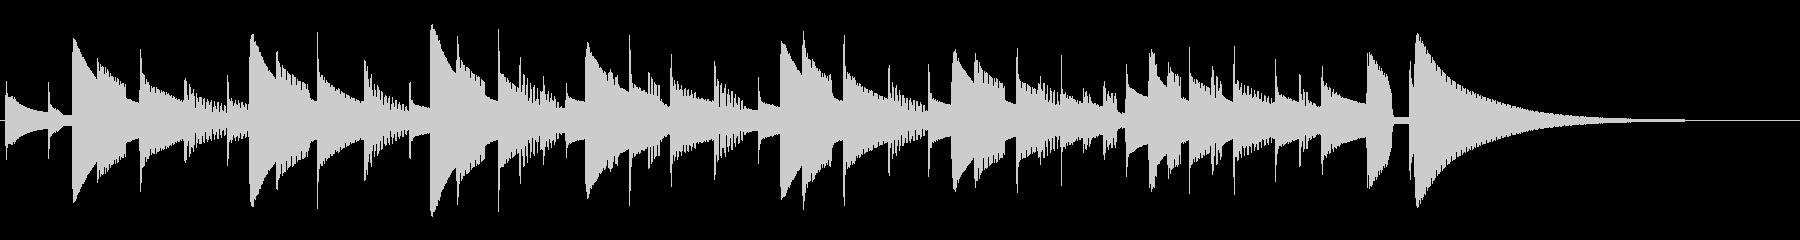 カリンバ:ショートチューン、音楽テ...の未再生の波形